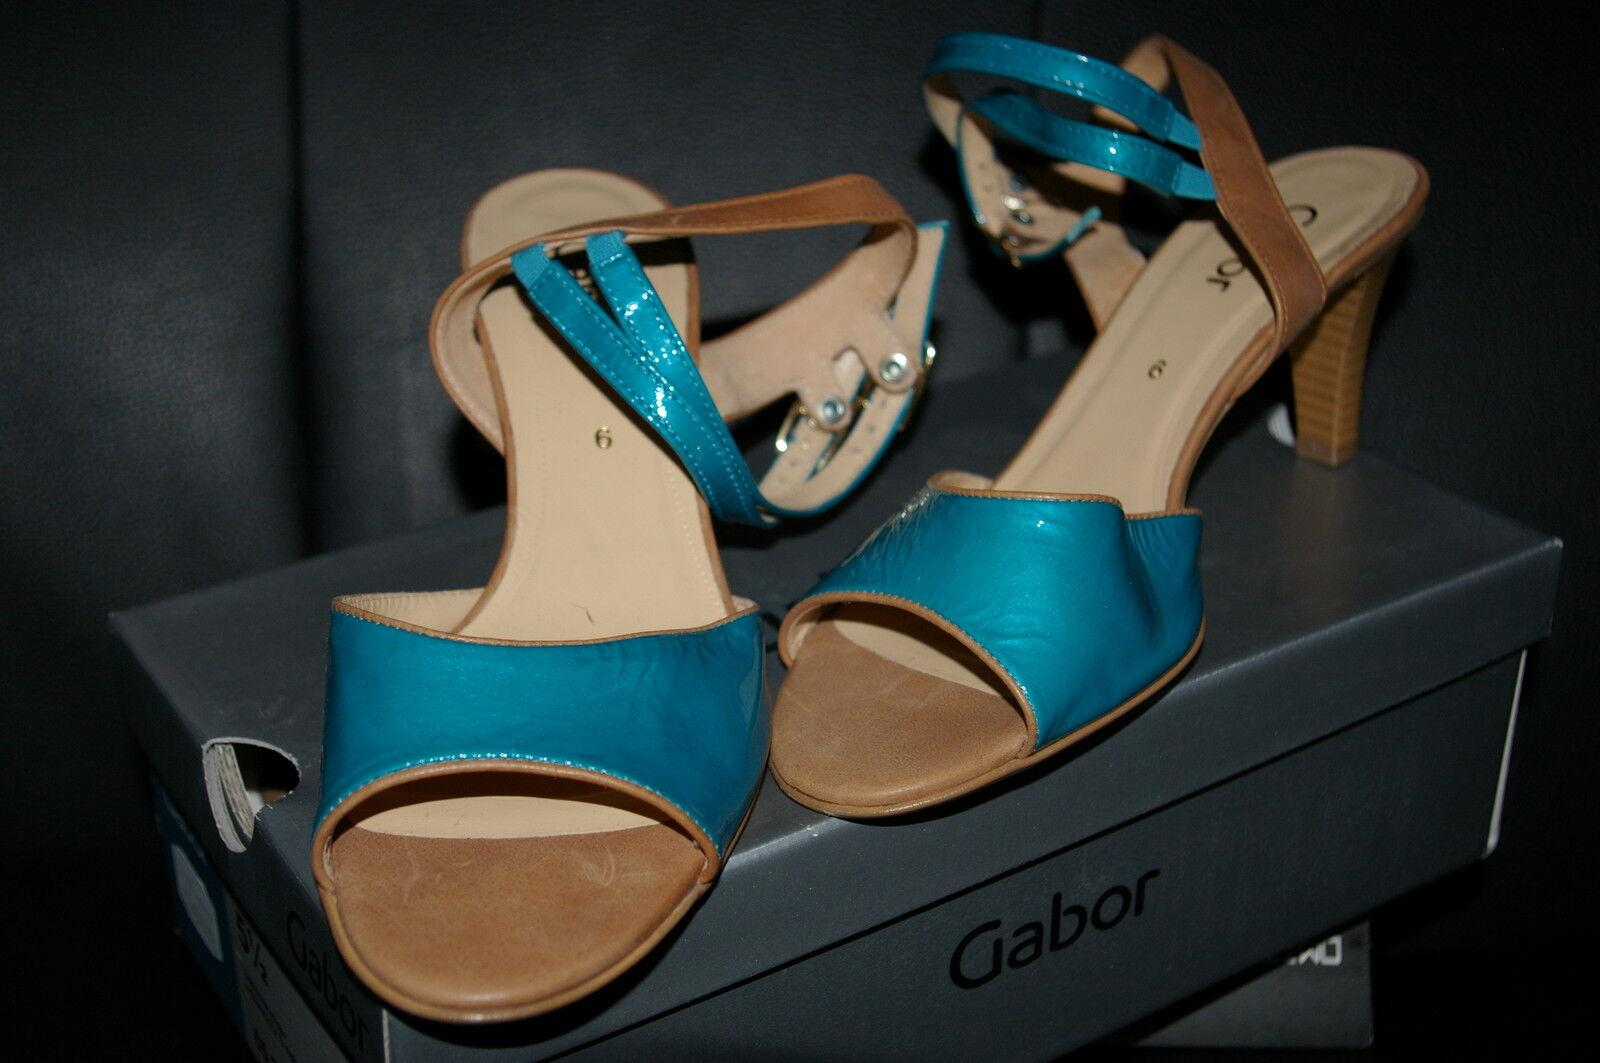 gabor gabor gabor con tiras-sandalias  charol óptica-turquesa-azul Gr. 39 1 2 nuevo  cuero genuino   venta caliente